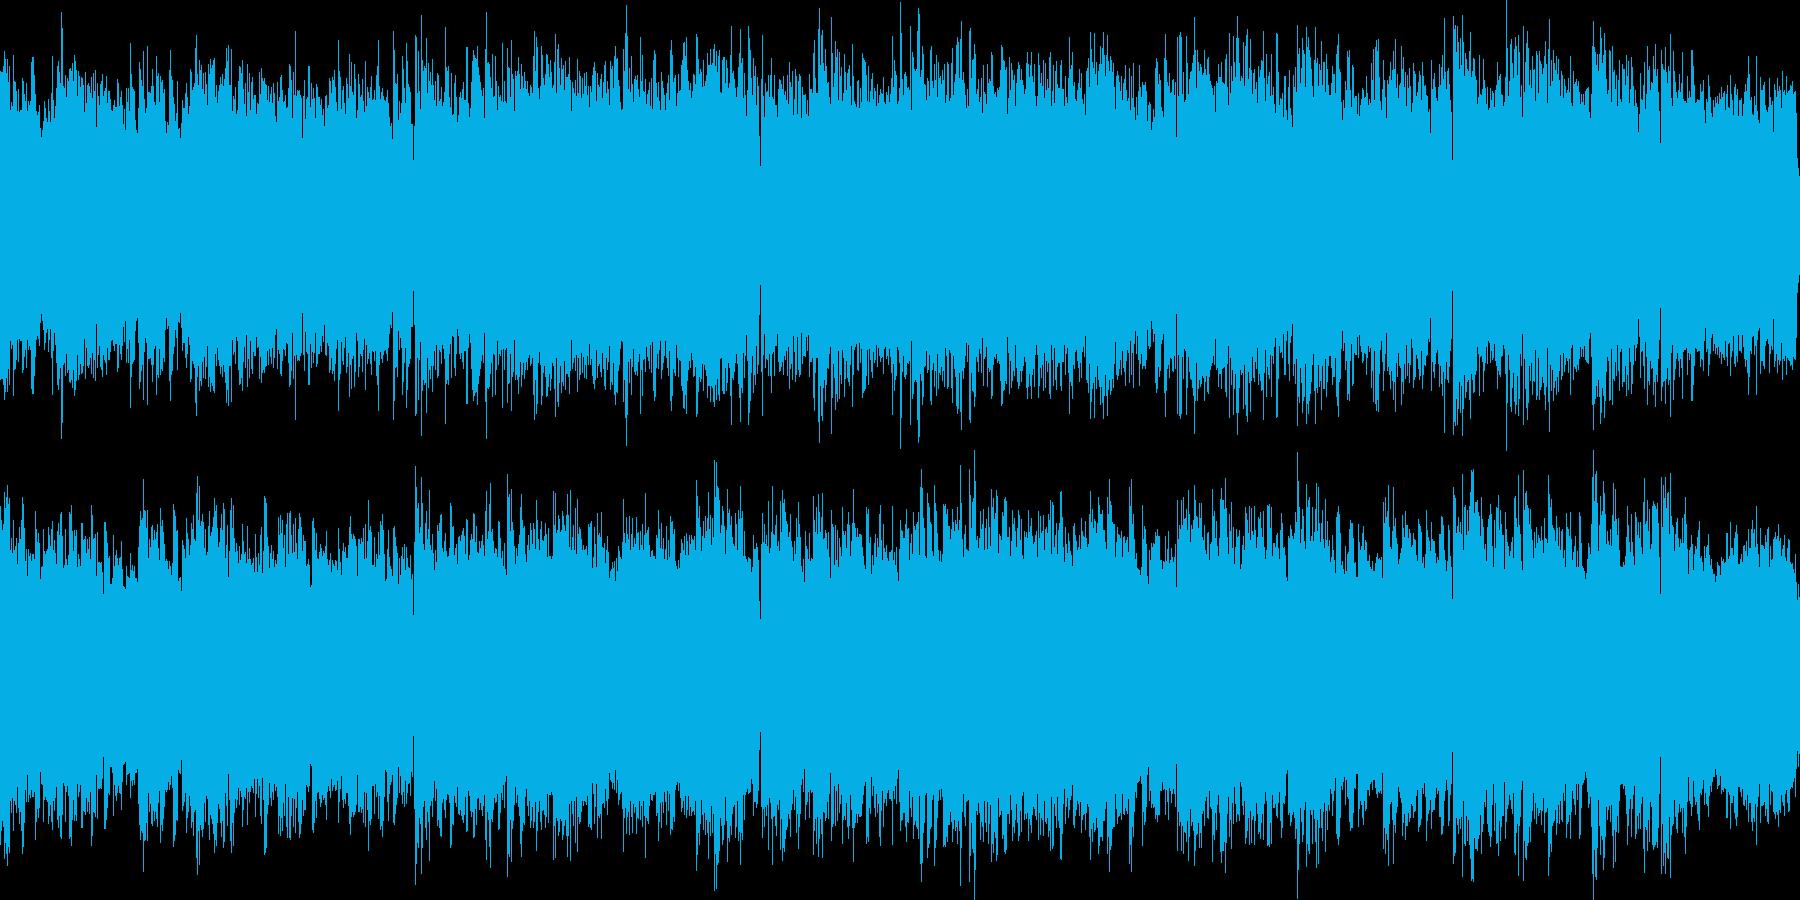 深海をイメージした神秘的な曲(ループ可)の再生済みの波形